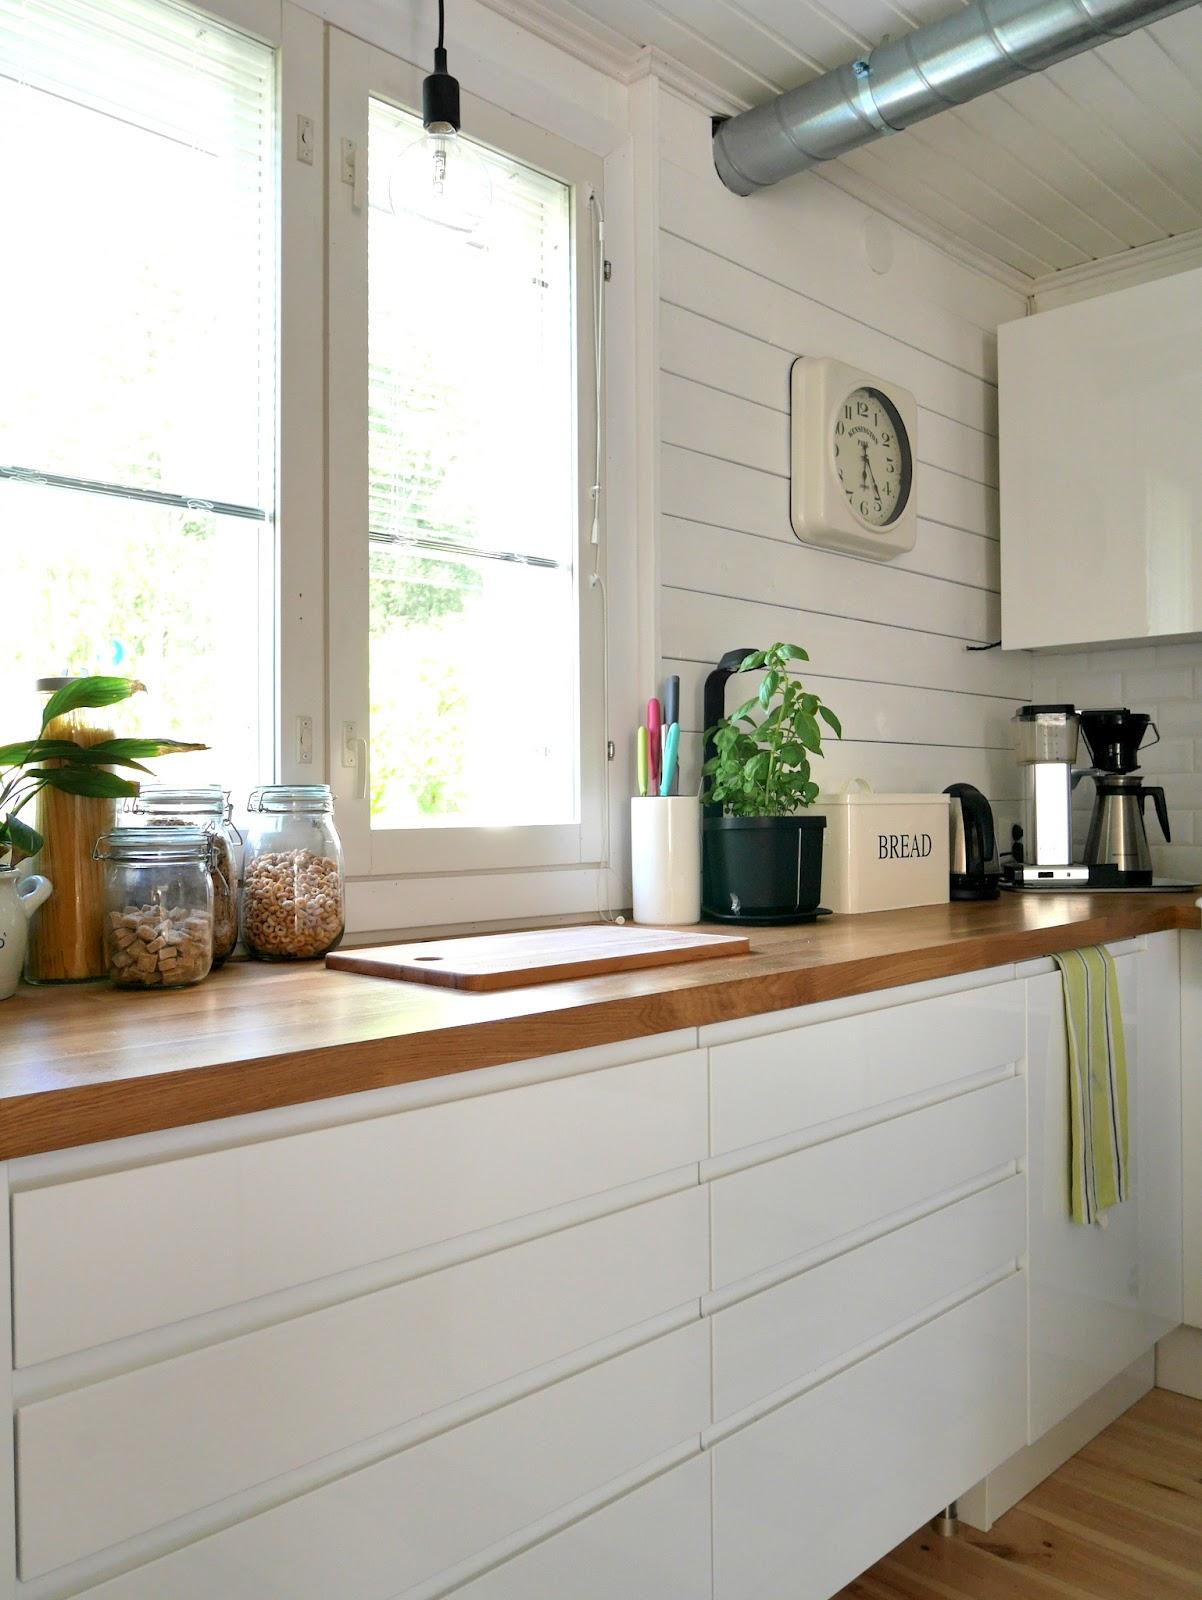 Poikittain asennettu paneelilaudoitus jatkuu keittiössä